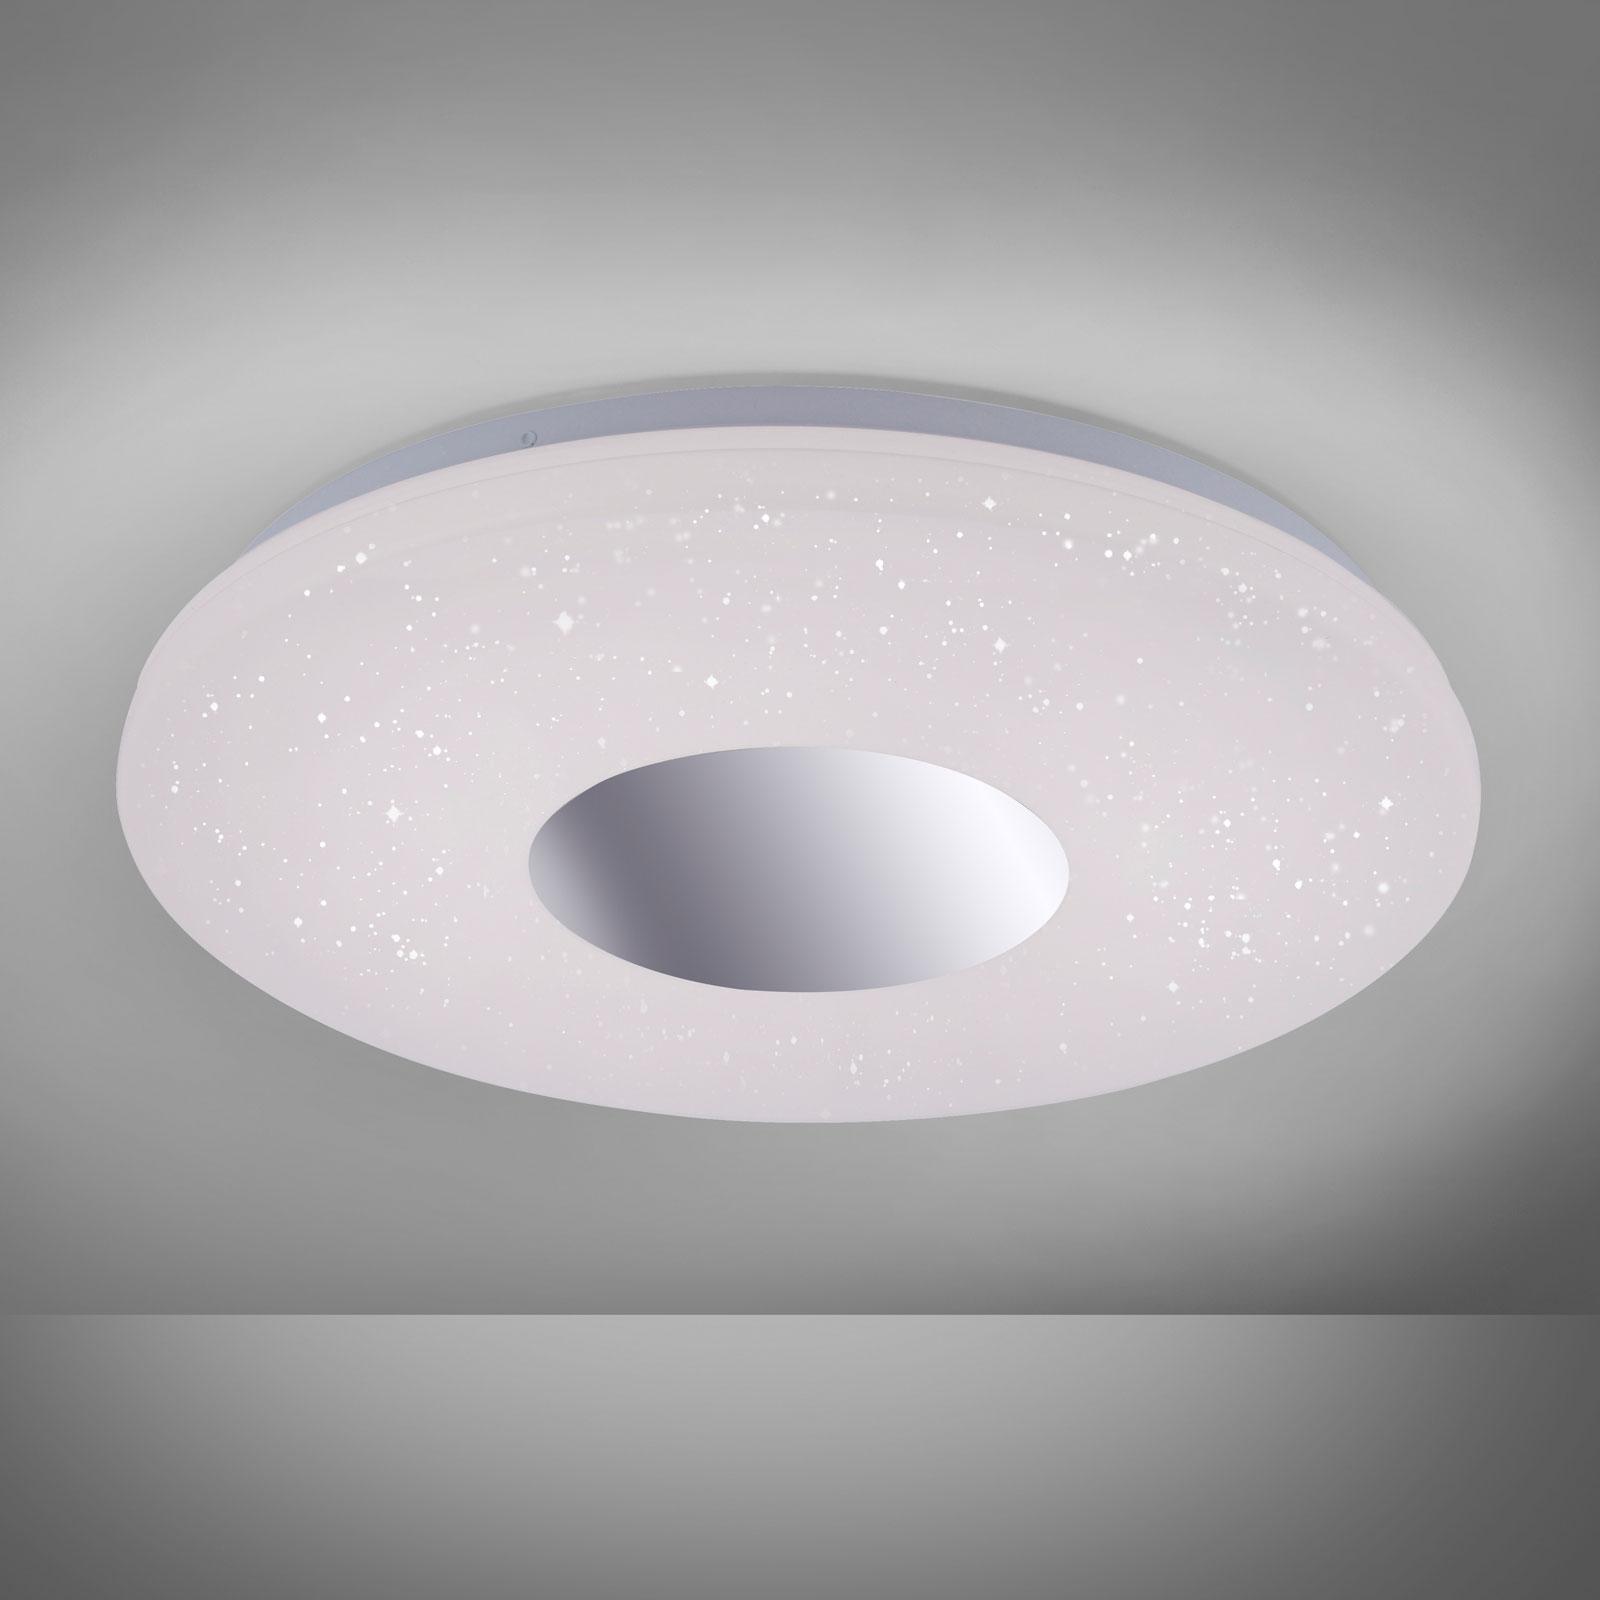 Lampa sufitowa LED Lavinia z czujnikiem 38,5cm